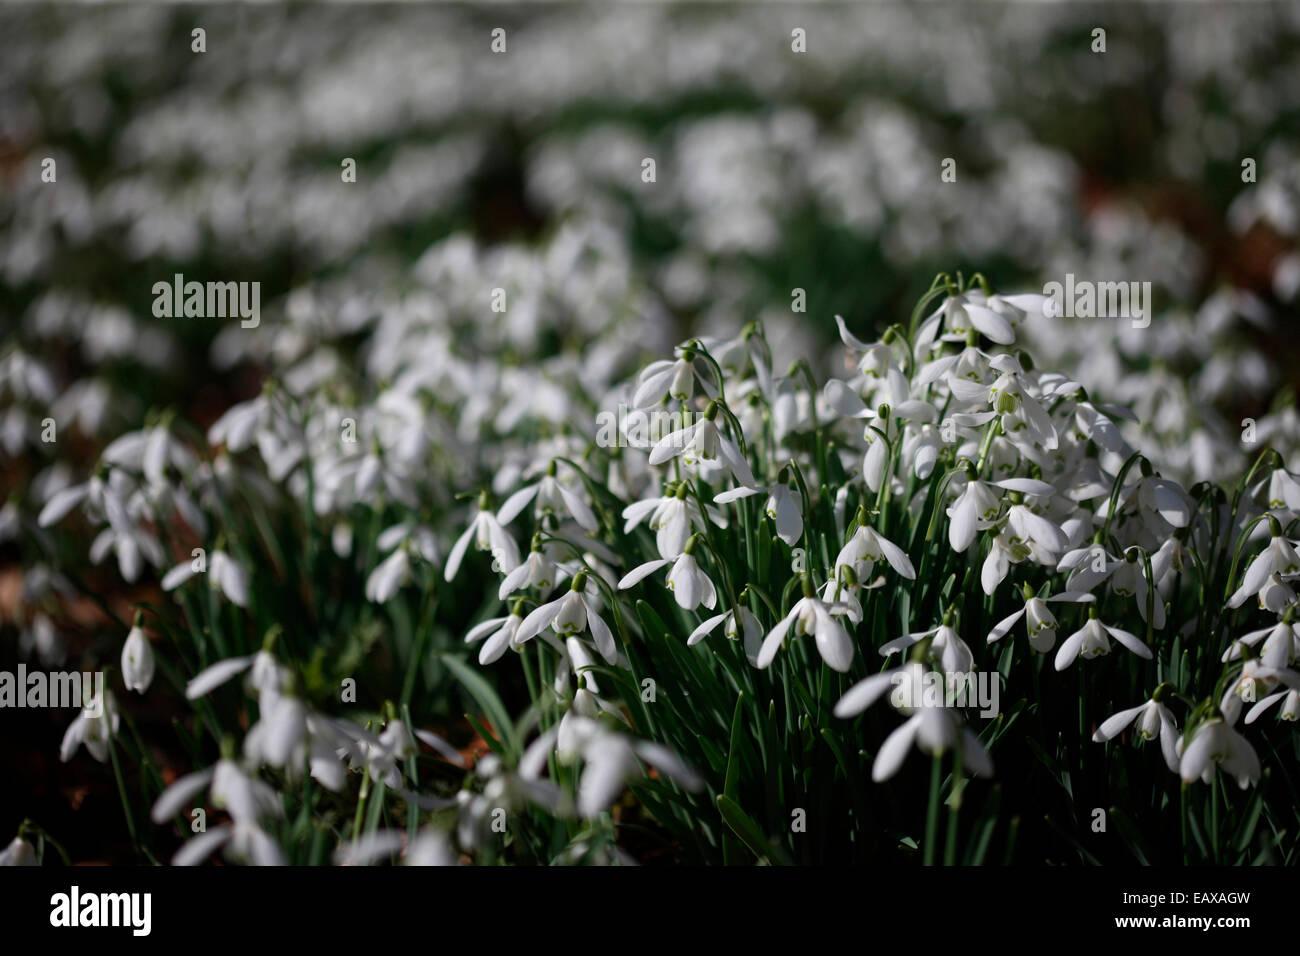 lovely sparkling snowdrops in the February sunshine Jane Ann Butler Photography JABP1191 - Stock Image